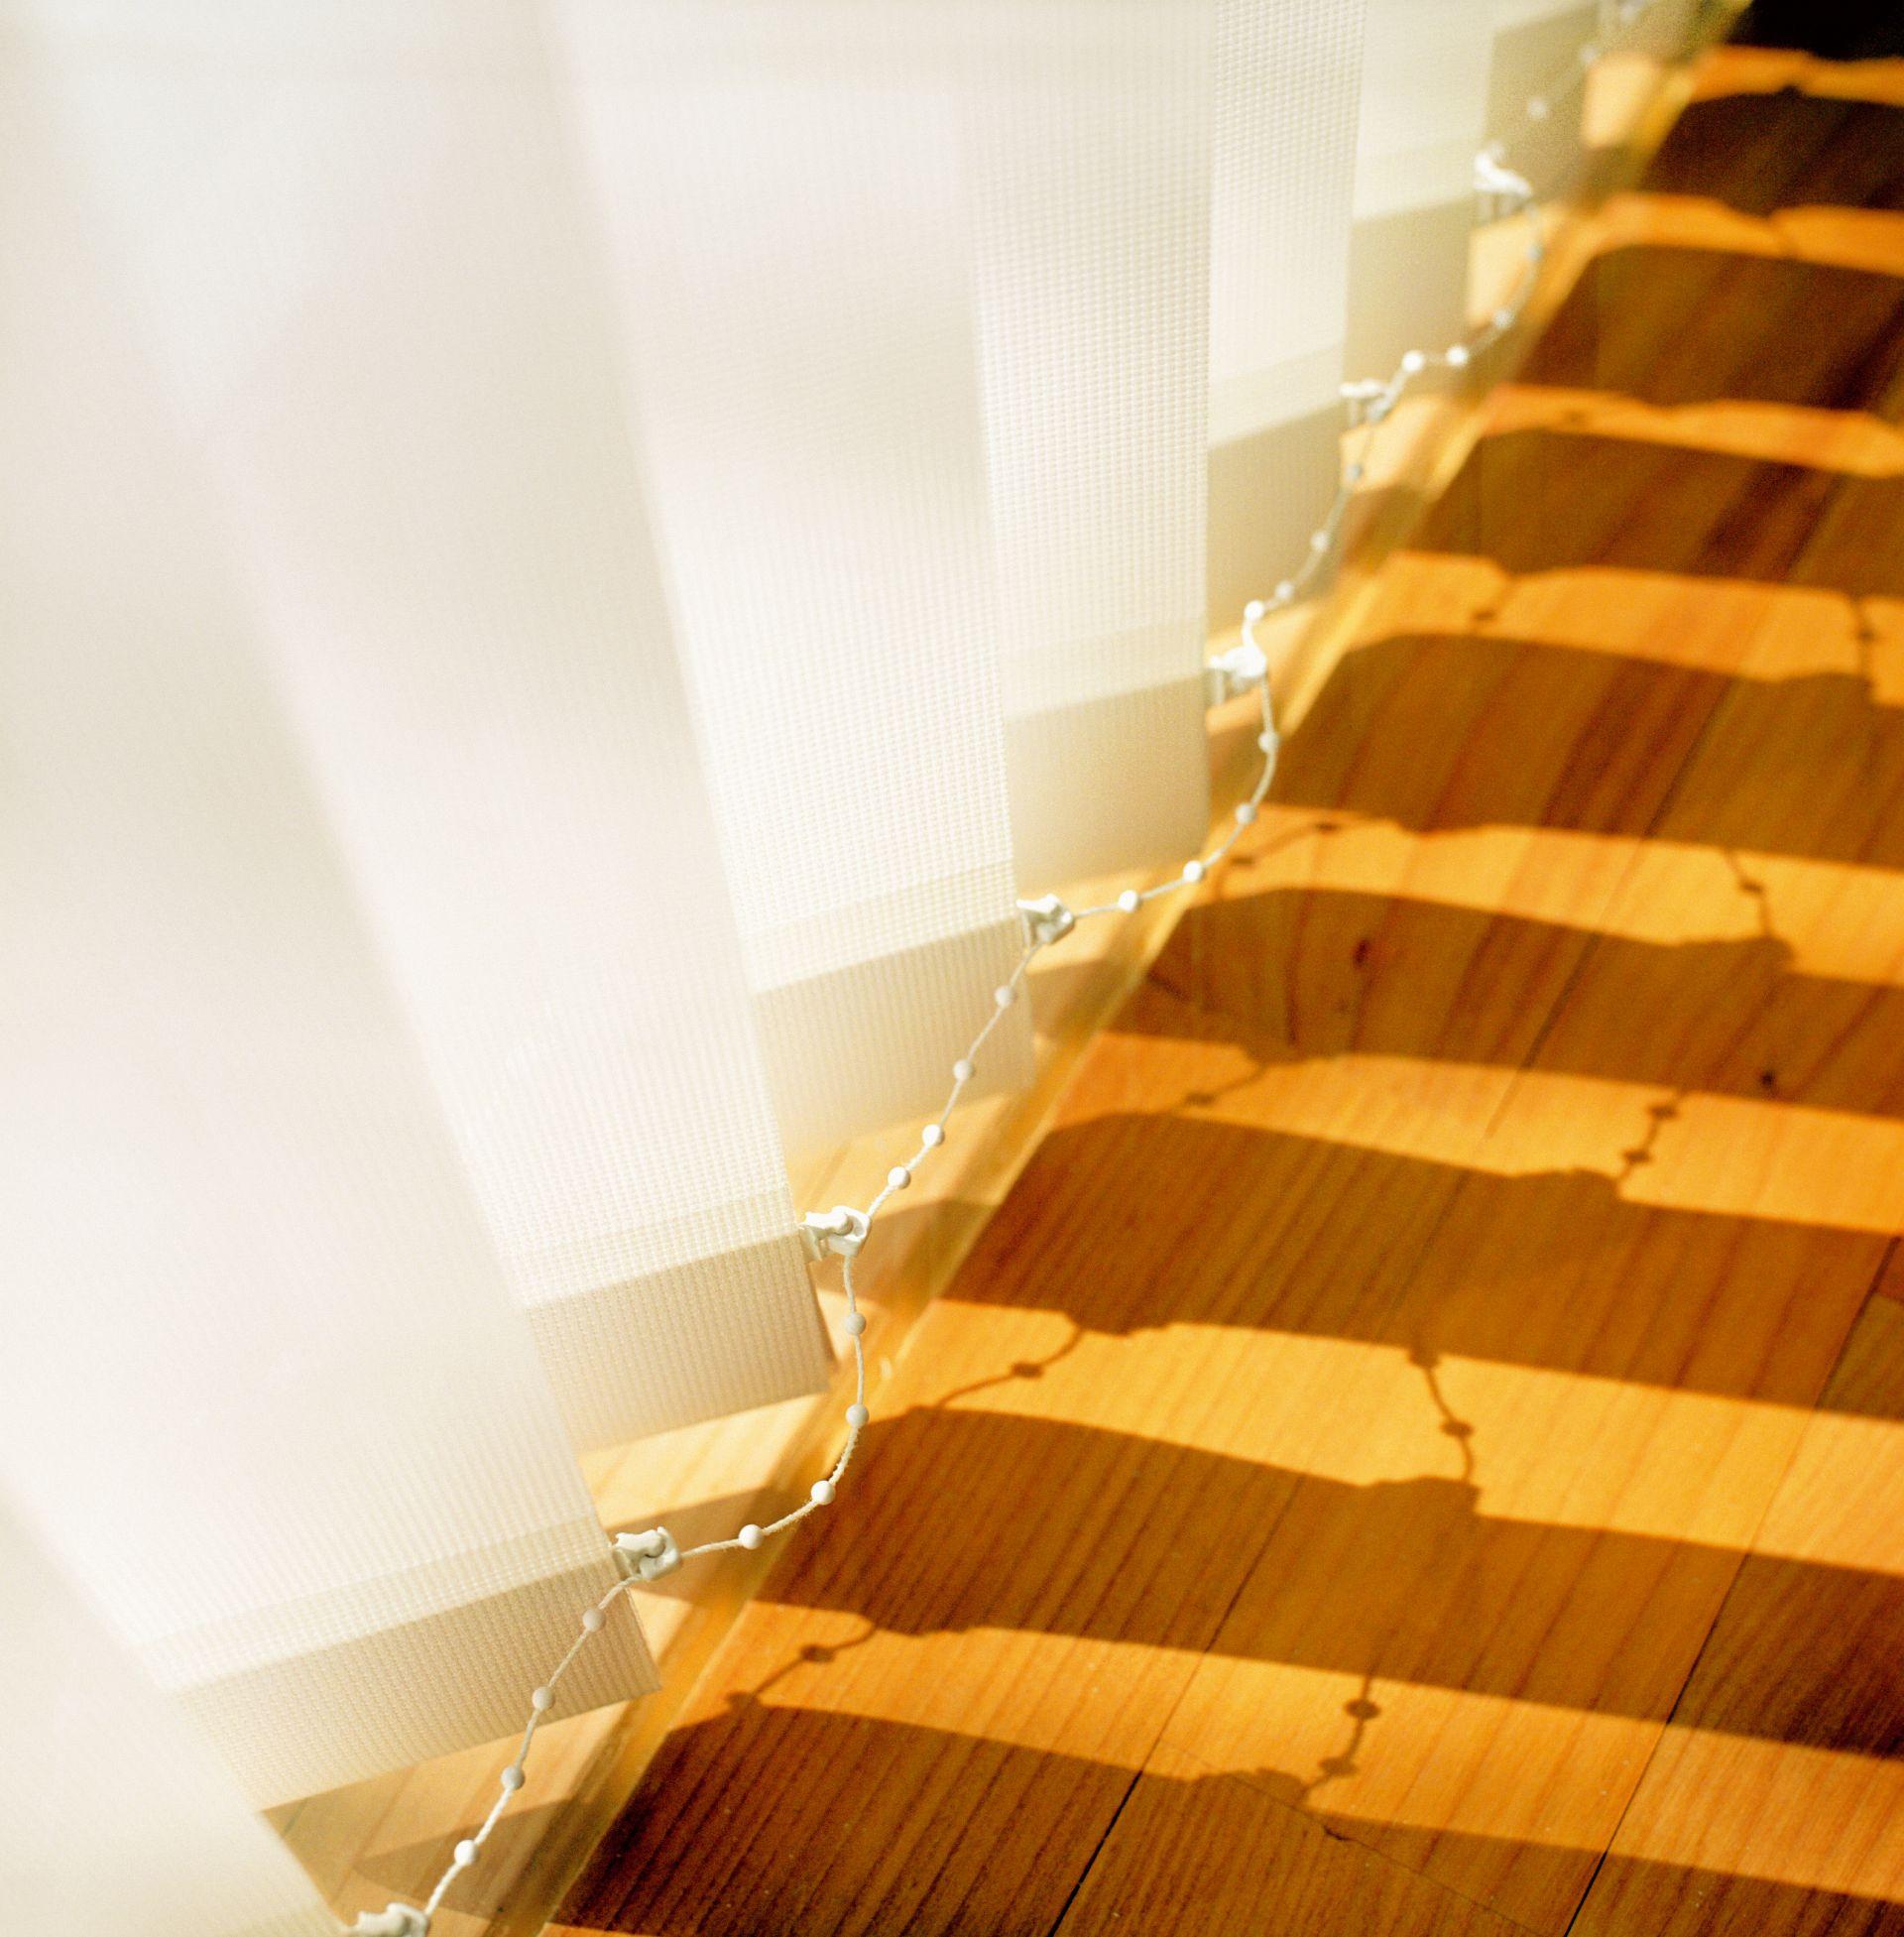 Lamelne zavese so lahko arhitekturni detajl prostora